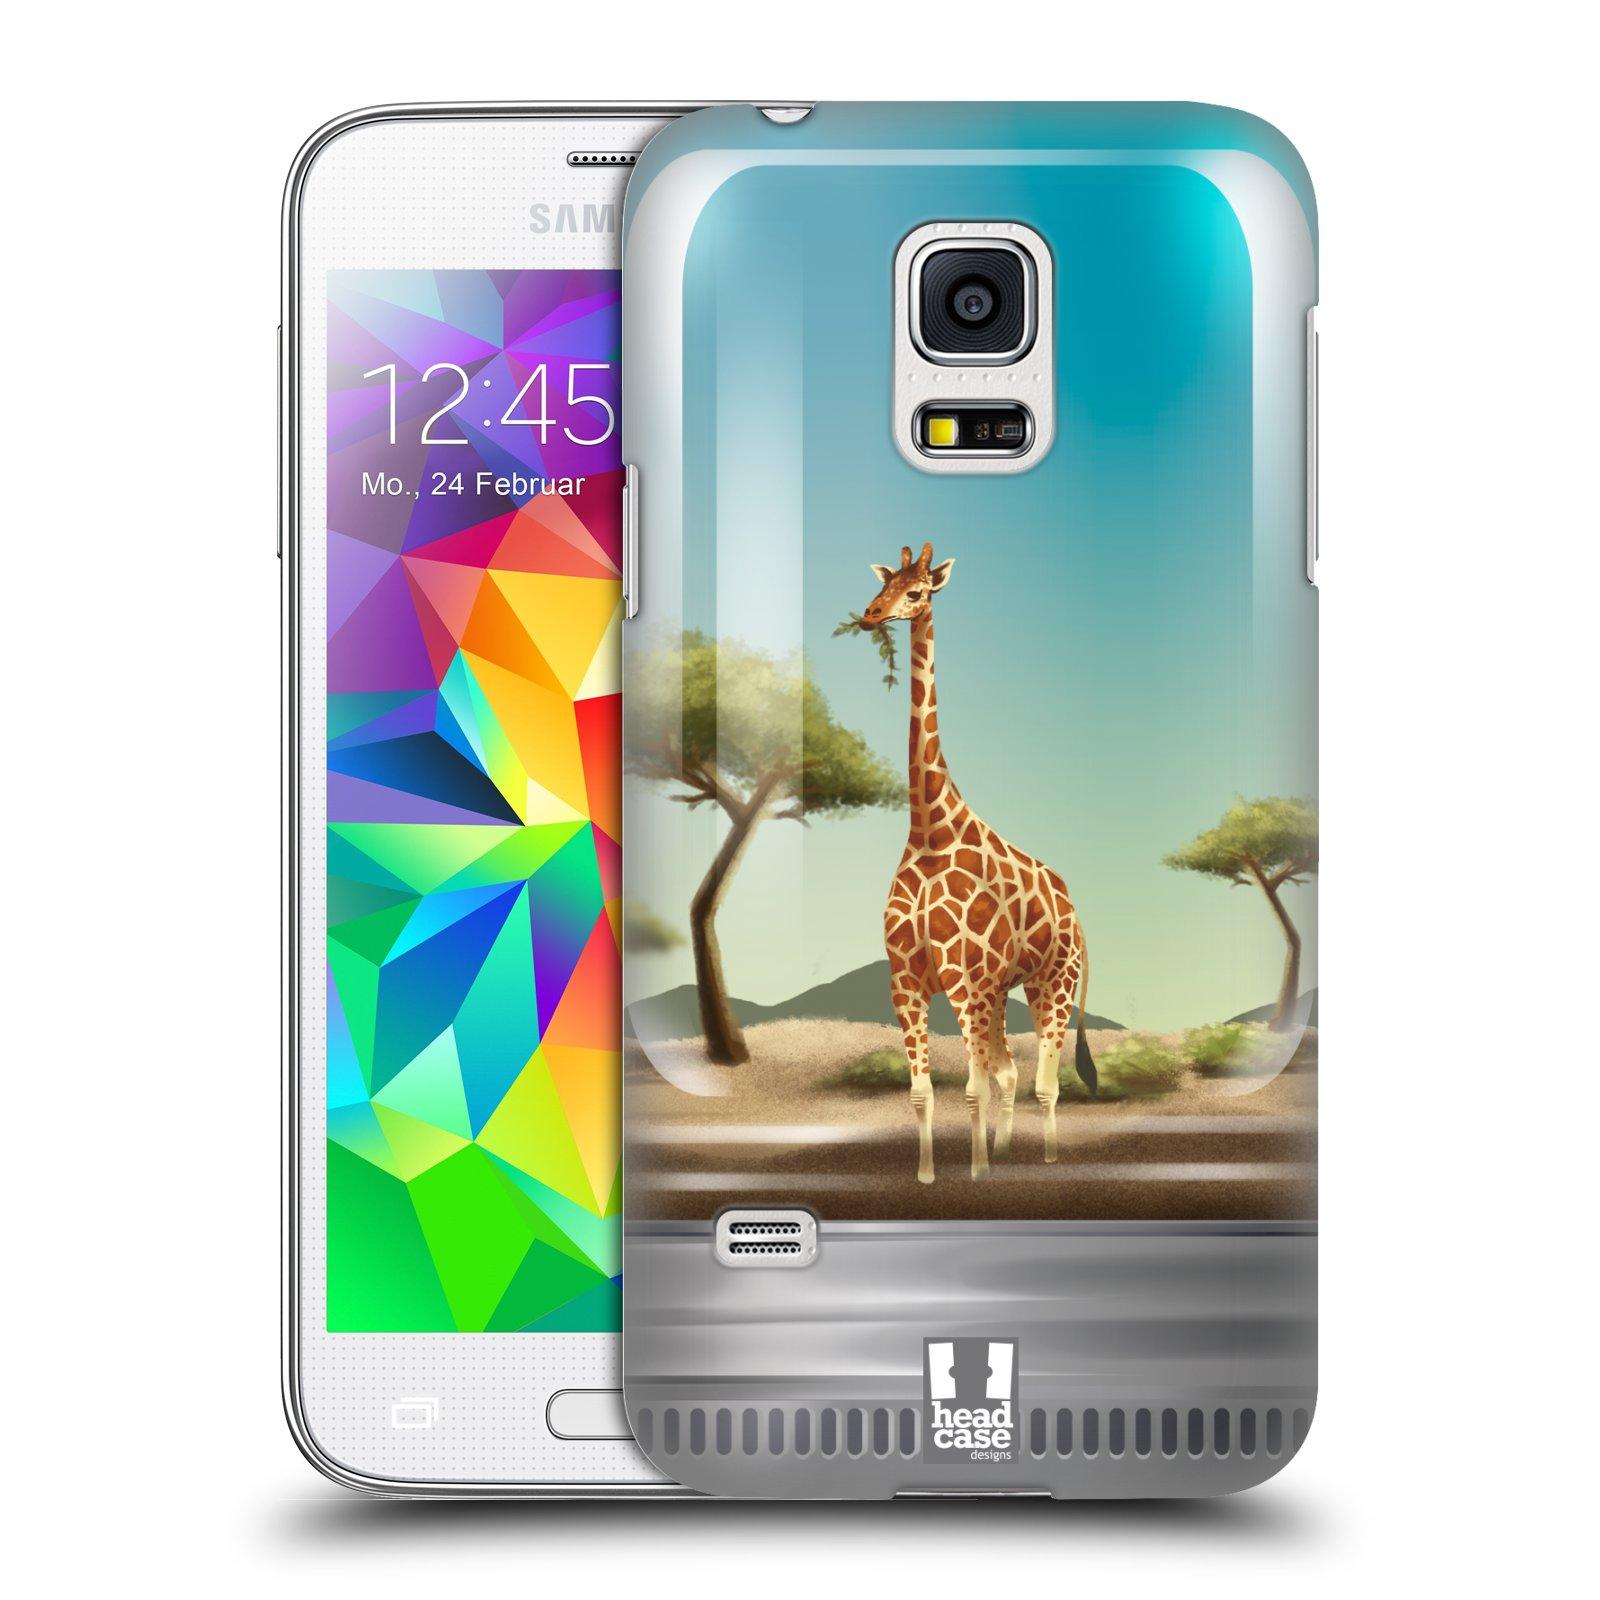 HEAD CASE plastový obal na mobil SAMSUNG Galaxy S5 MINI / S5 MINI DUOS vzor Zvířátka v těžítku žirafa